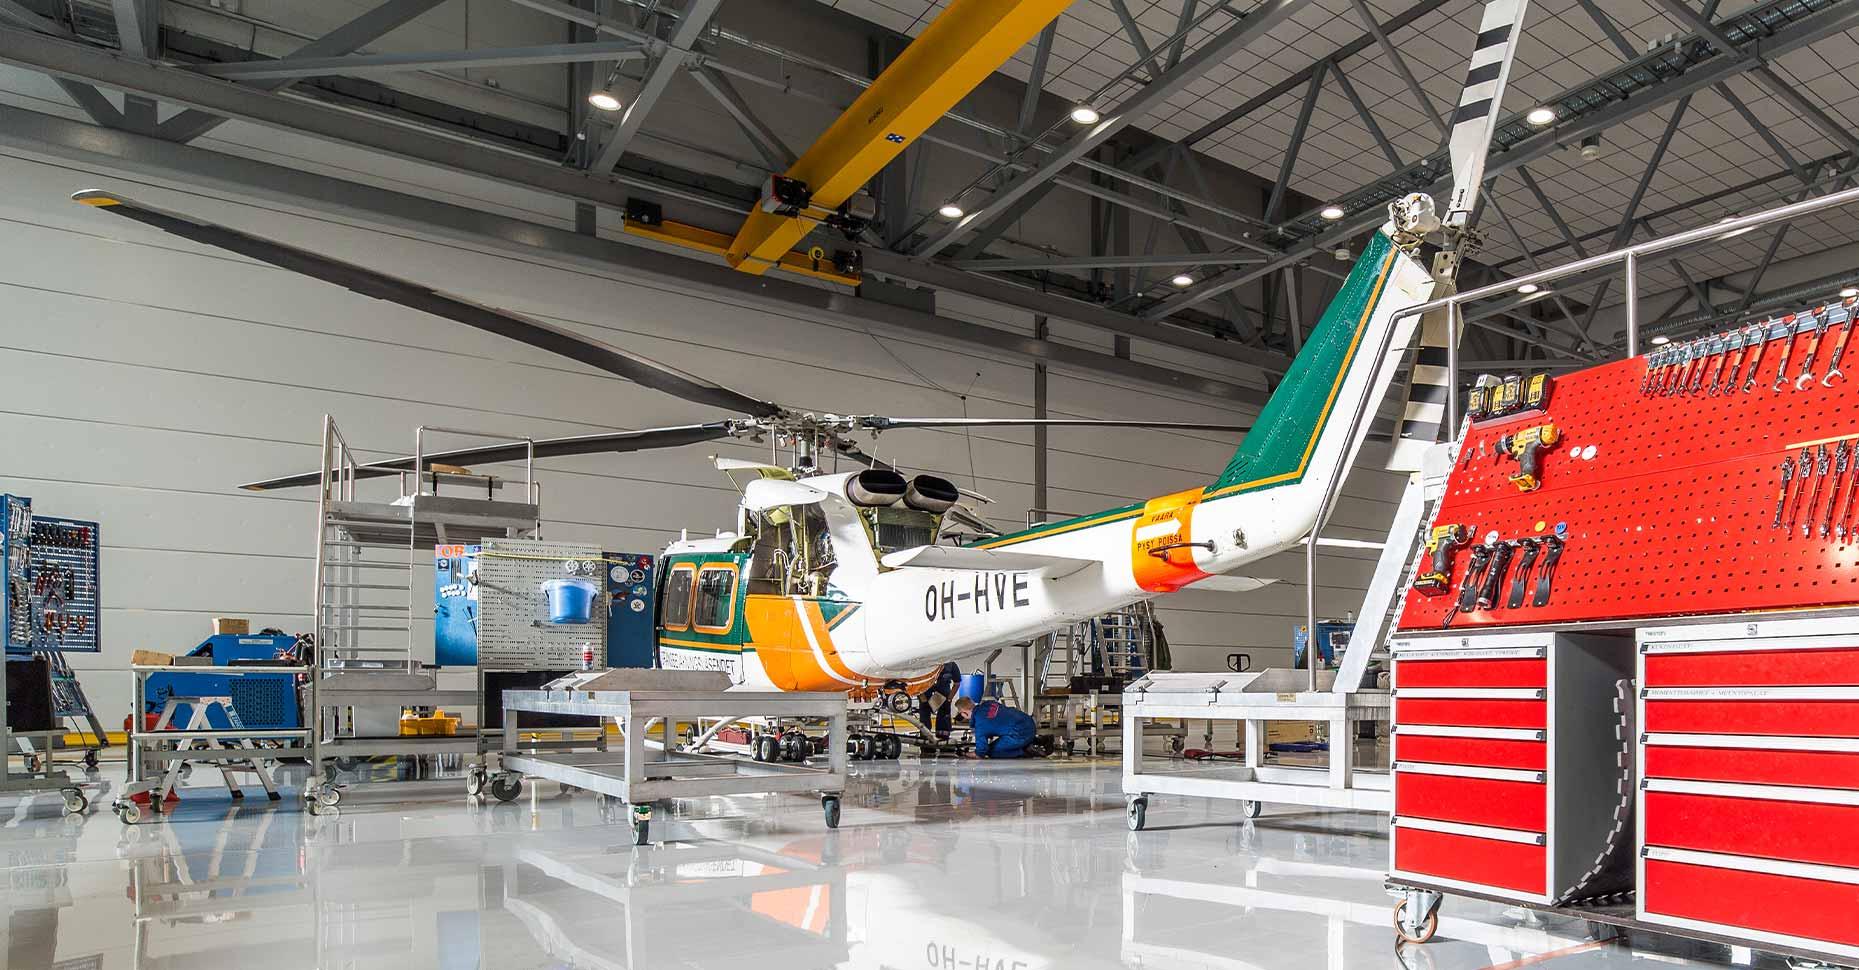 rajavartiolaitos-helikopteri